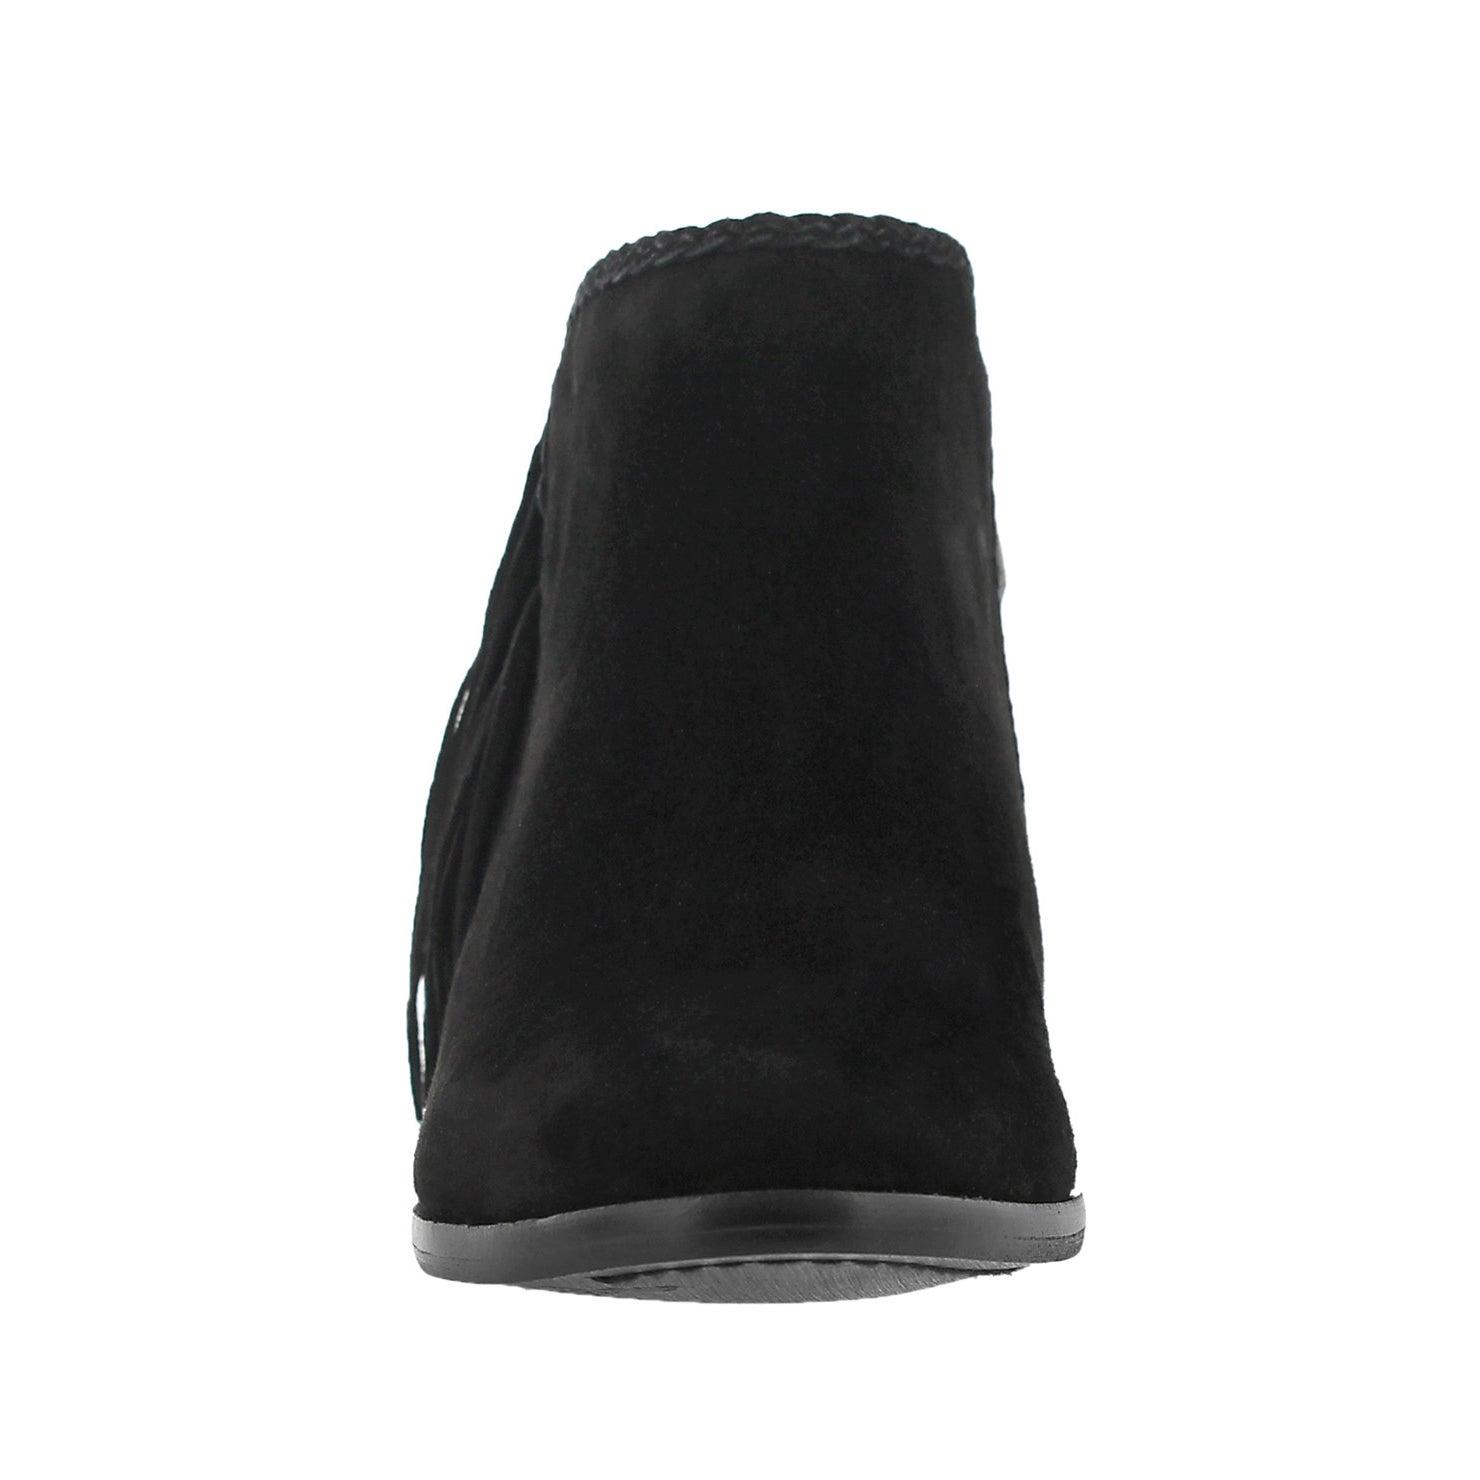 Lds Paige black fringe casual bootie